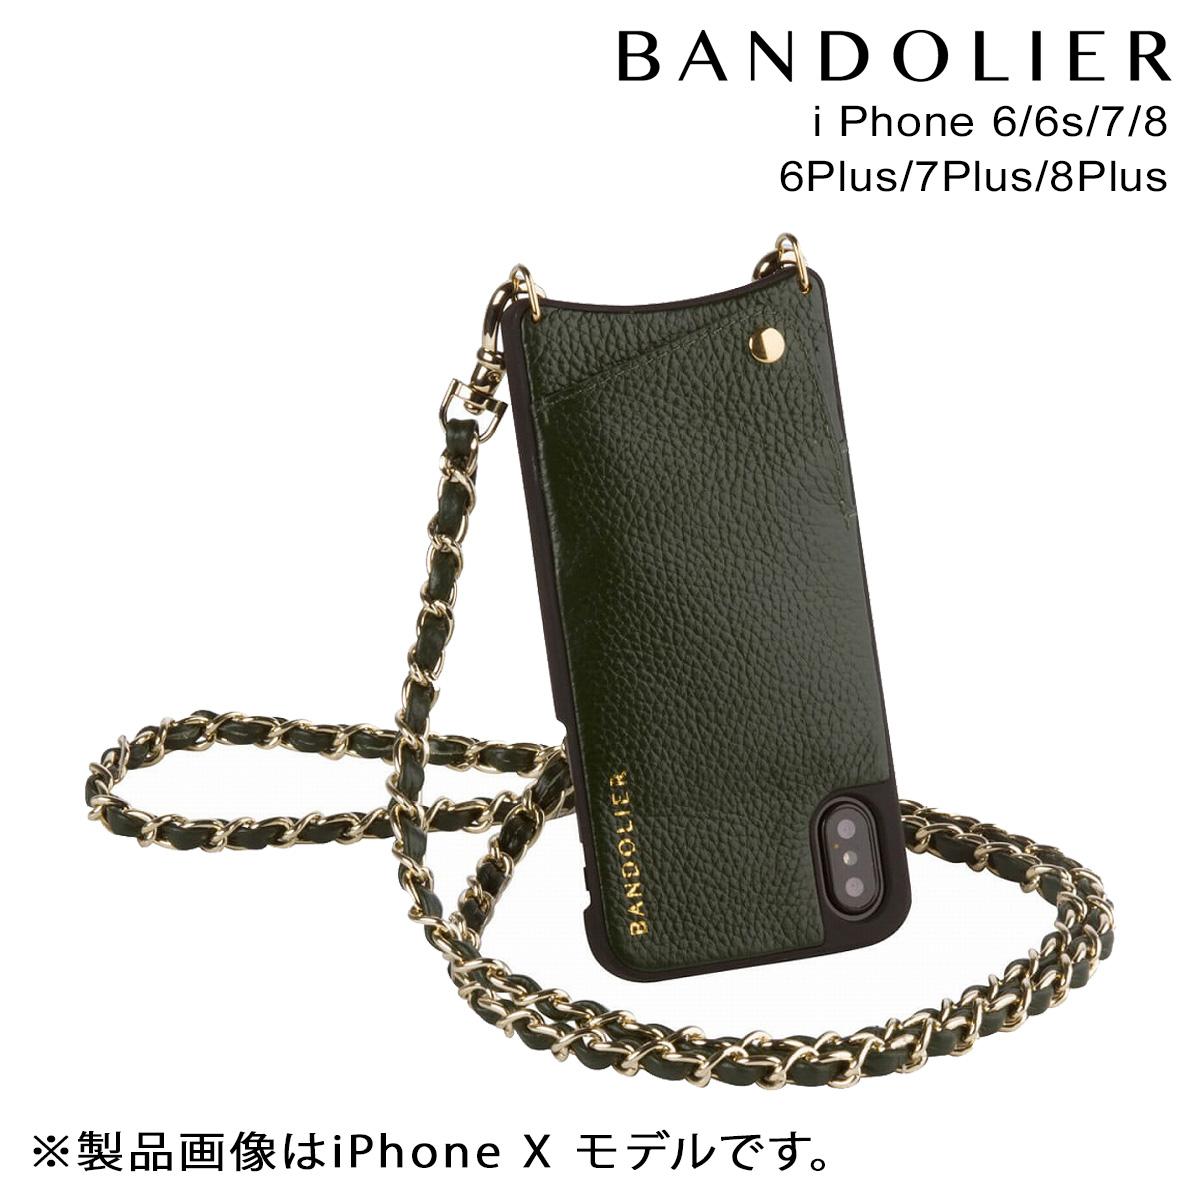 【最大2000円OFFクーポン】 BANDOLIER バンドリヤー iPhone8 iPhone7 7Plus 6s ケース スマホ アイフォン プラス LUCY EVERGREEN メンズ レディース